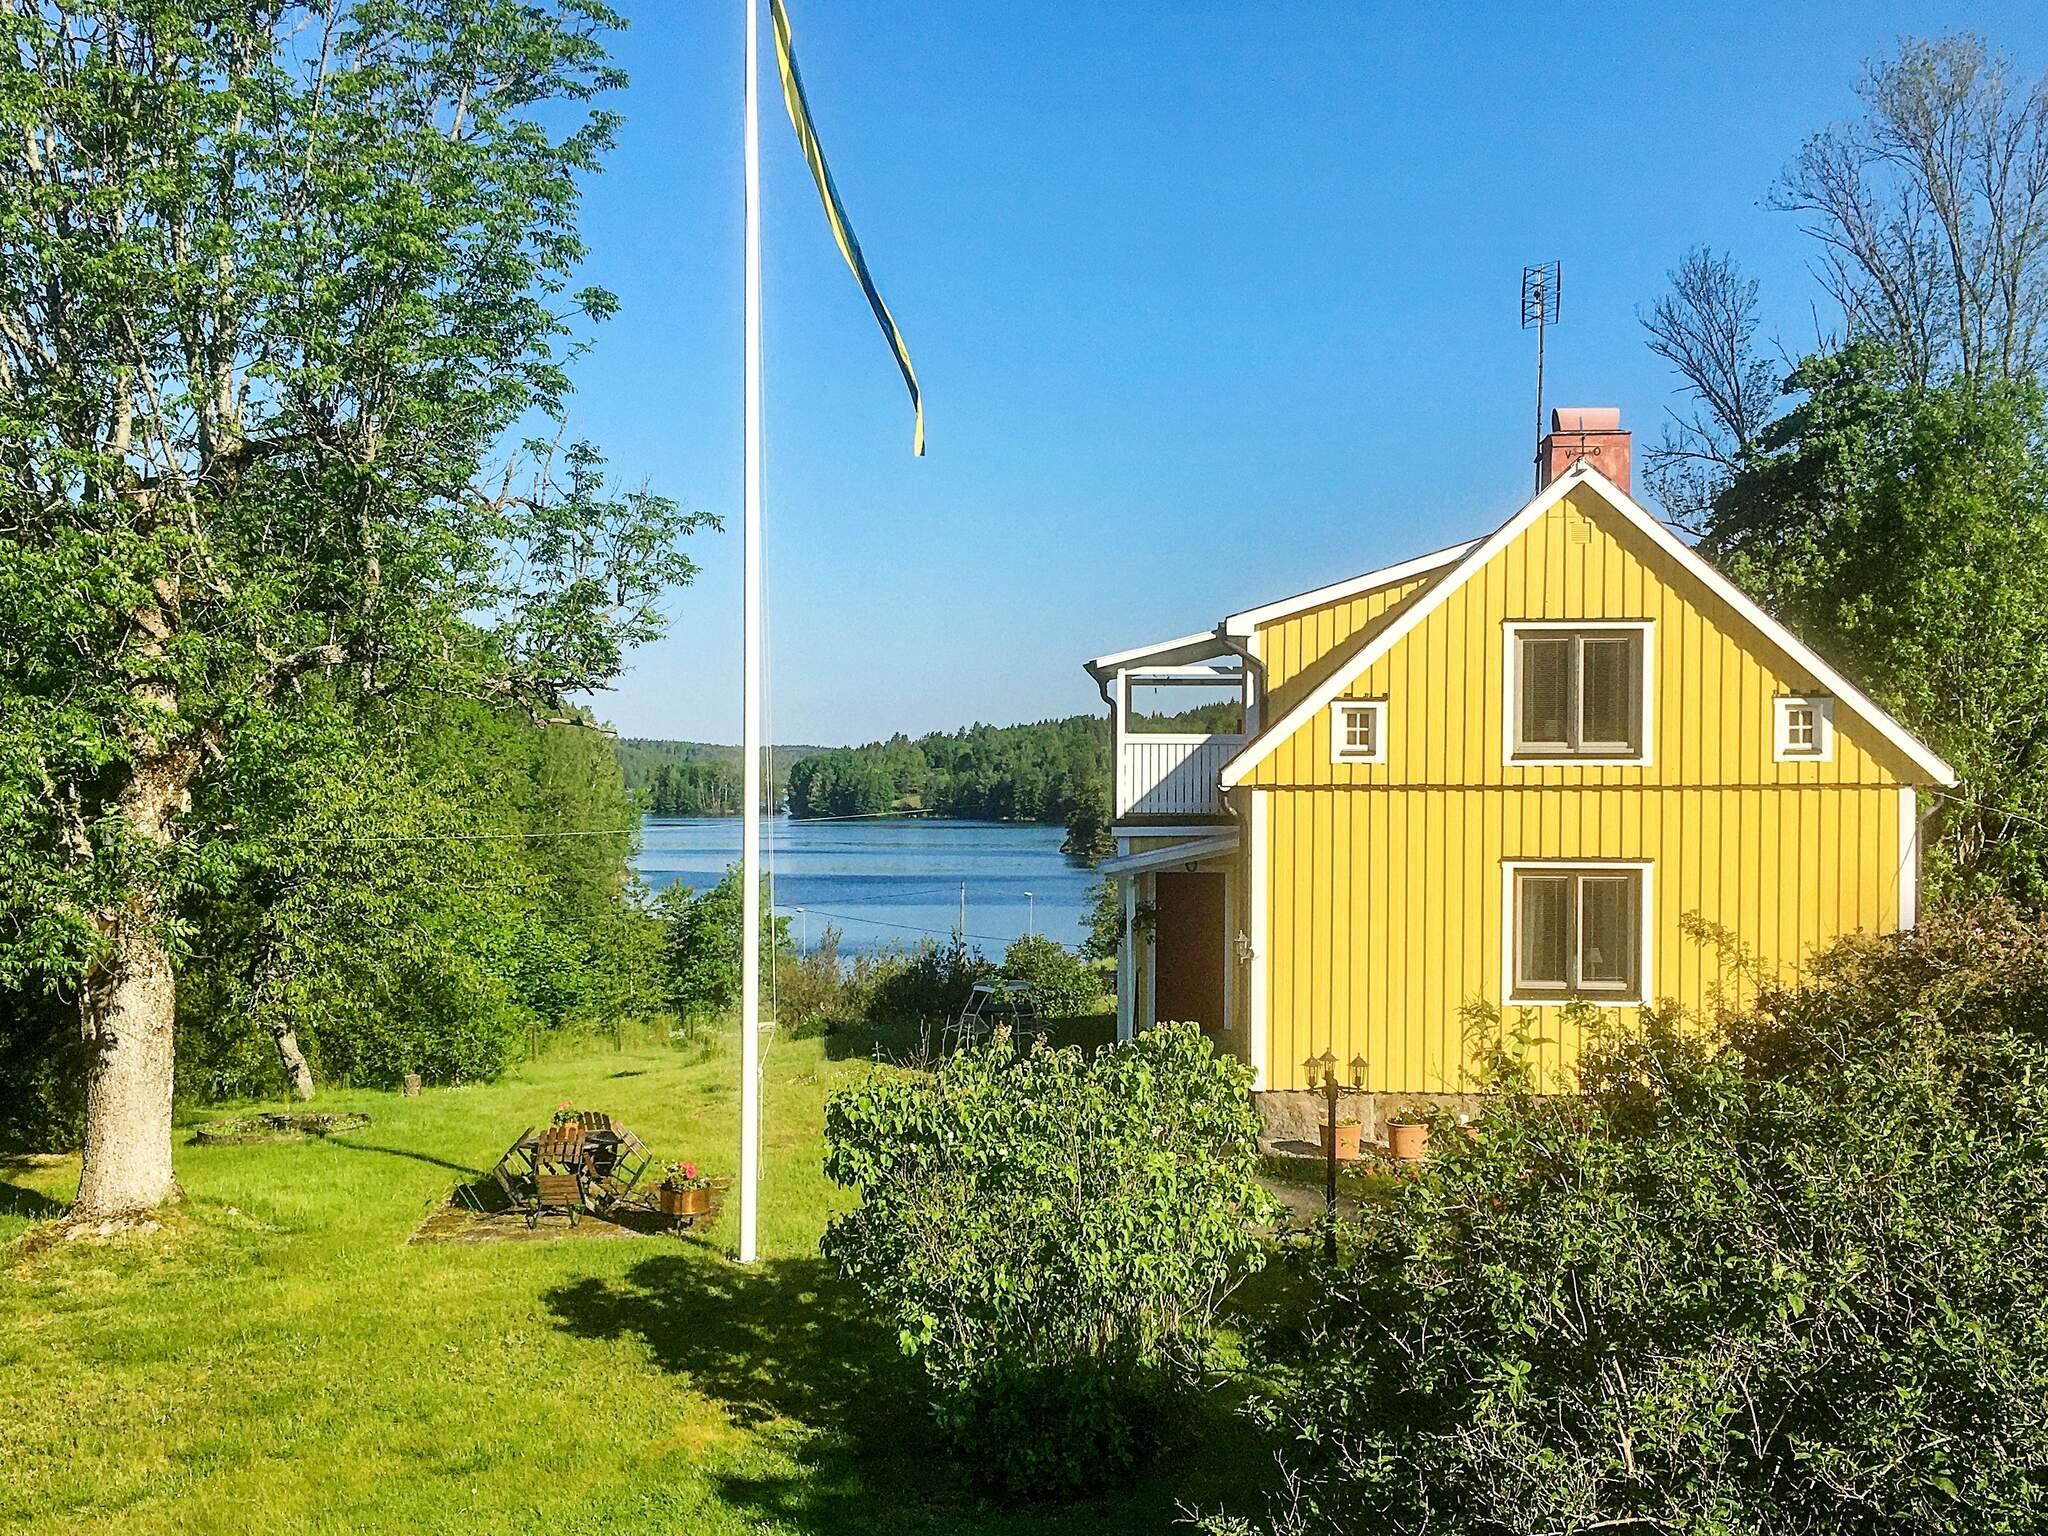 Ferienhaus Västervik (2689367), Överum, Kalmar län, Südschweden, Schweden, Bild 1